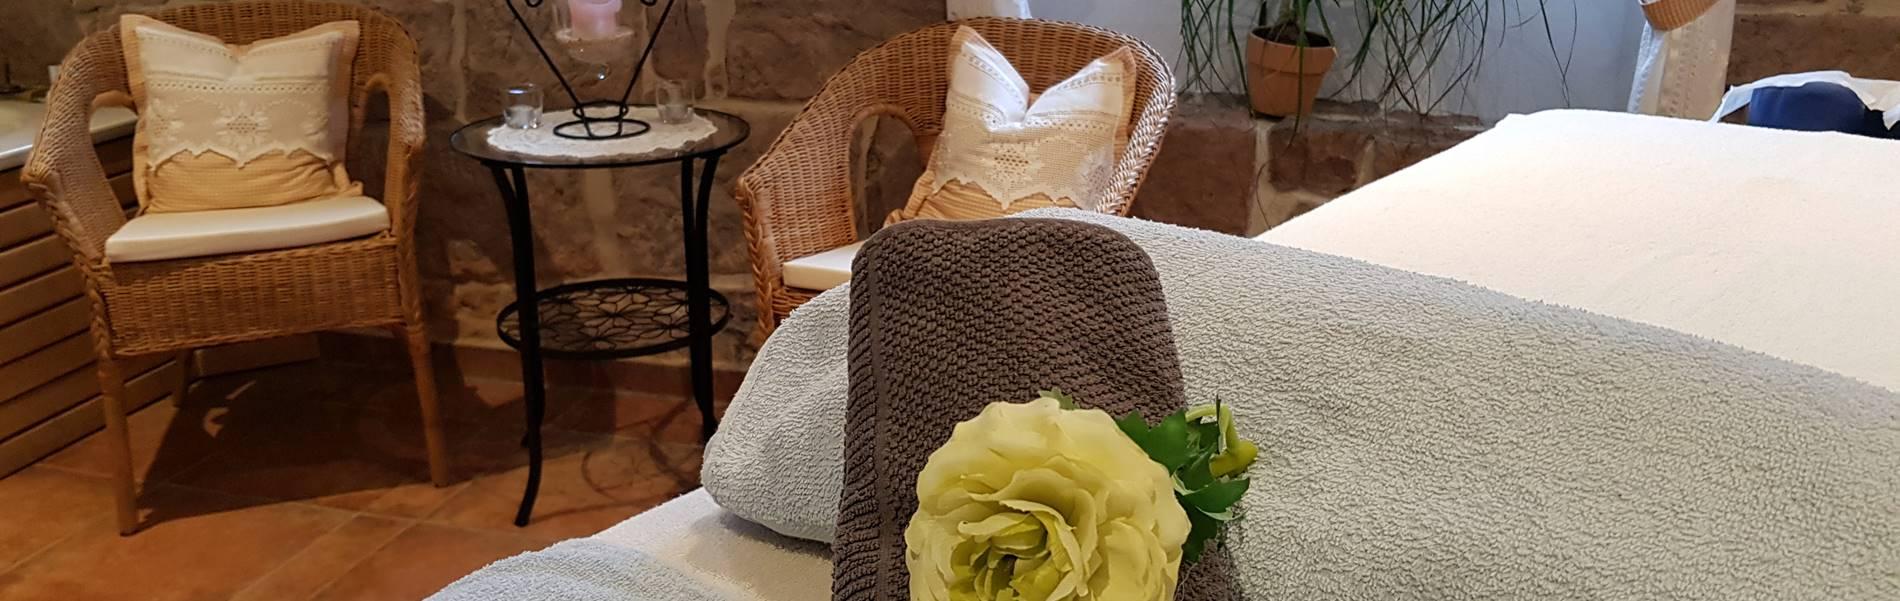 Massageliege mit Handtuch und Rosendeko